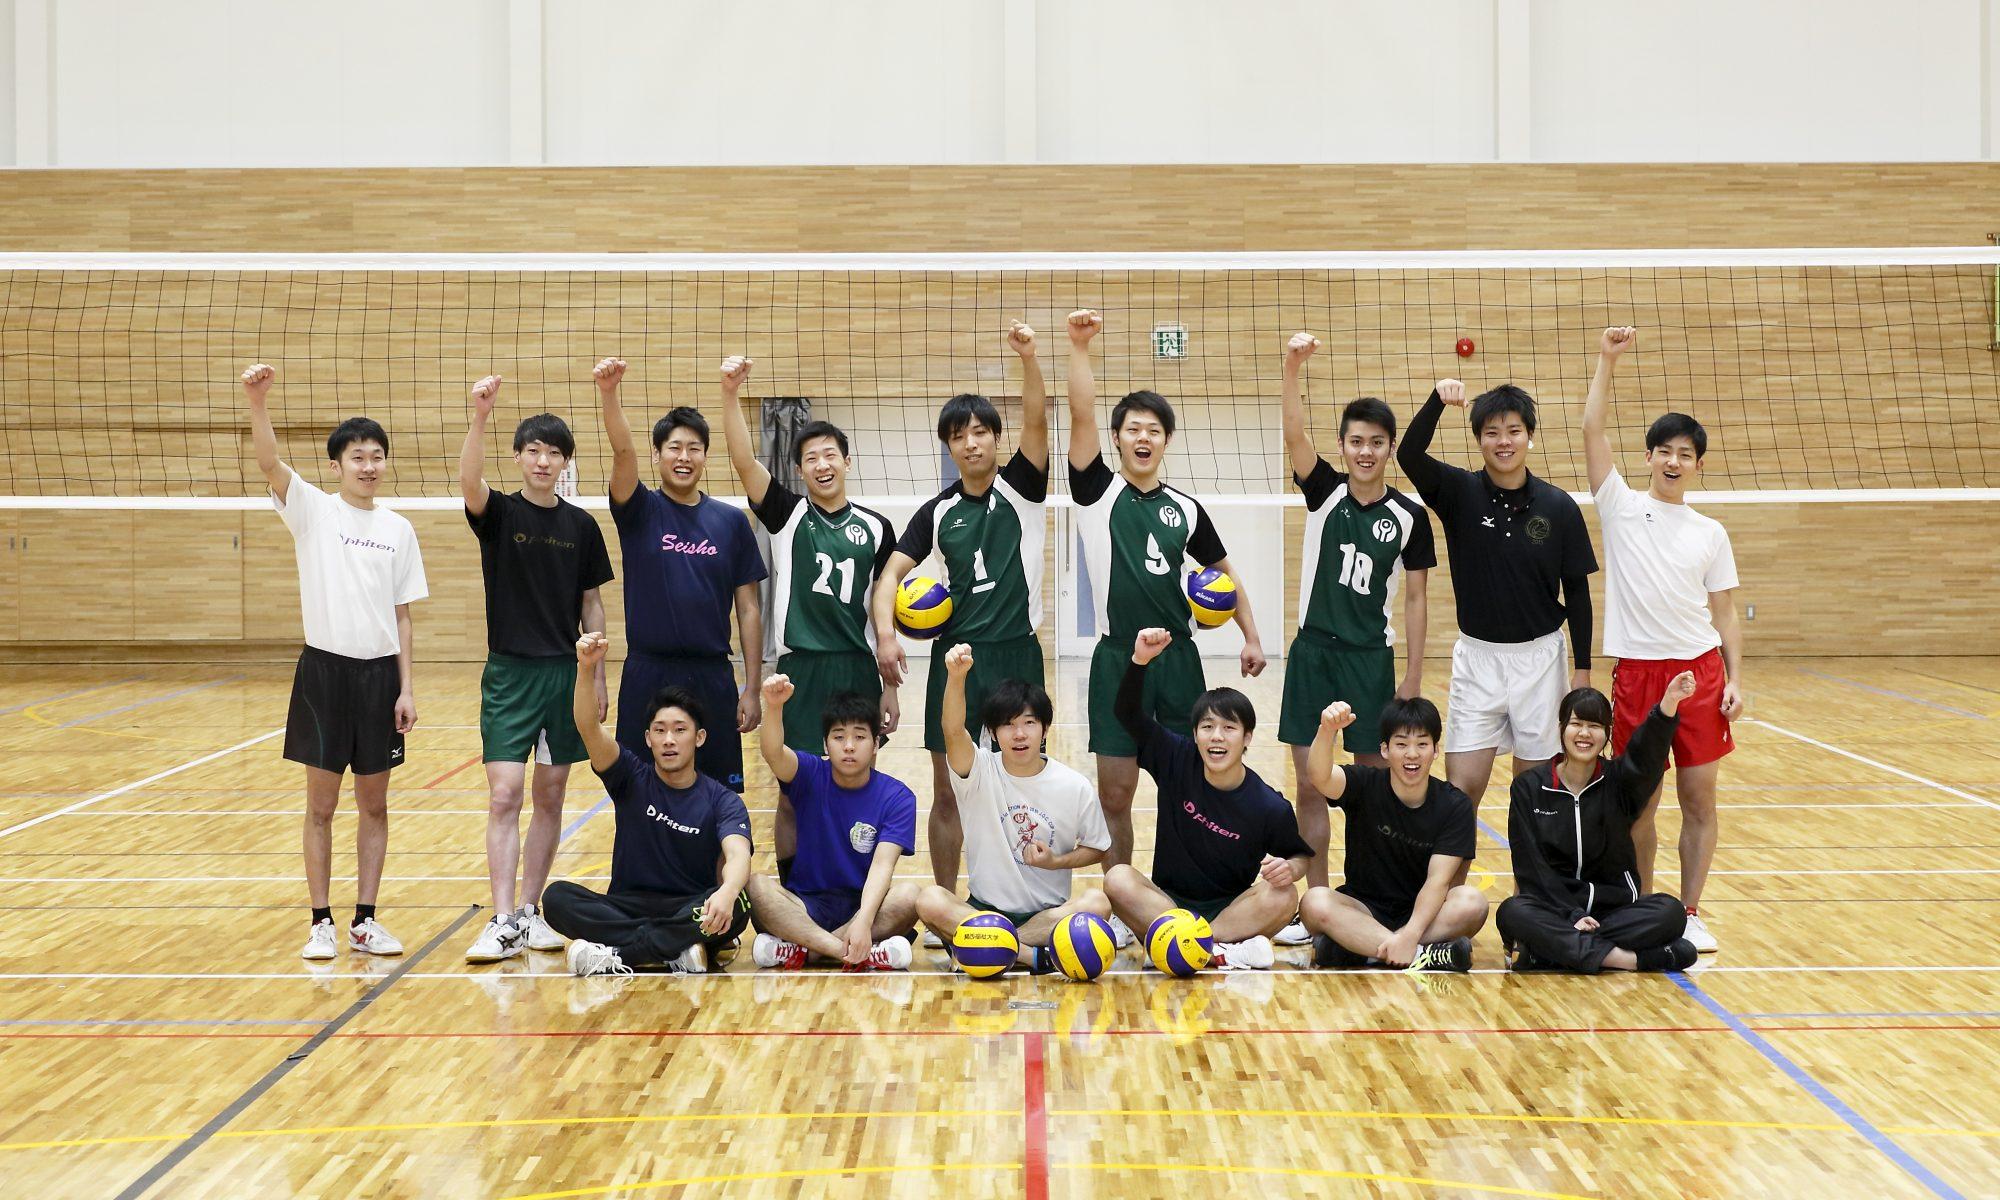 関西福祉大学男子バレーボール部